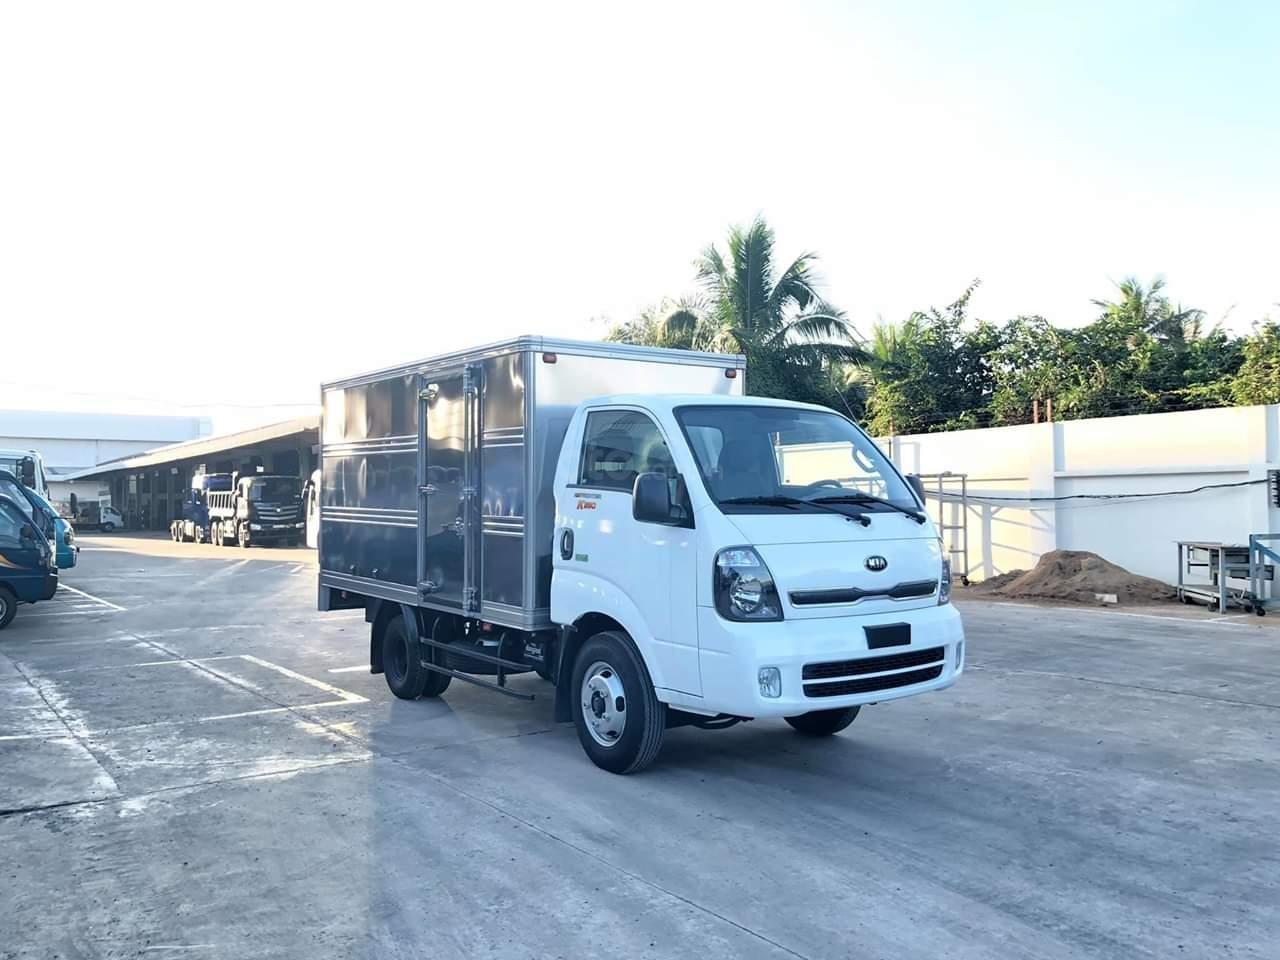 Xe tải Thaco Kia 2T4 tải trọng vào thành phố, động cơ Hyundai nhập khẩu 100% (5)